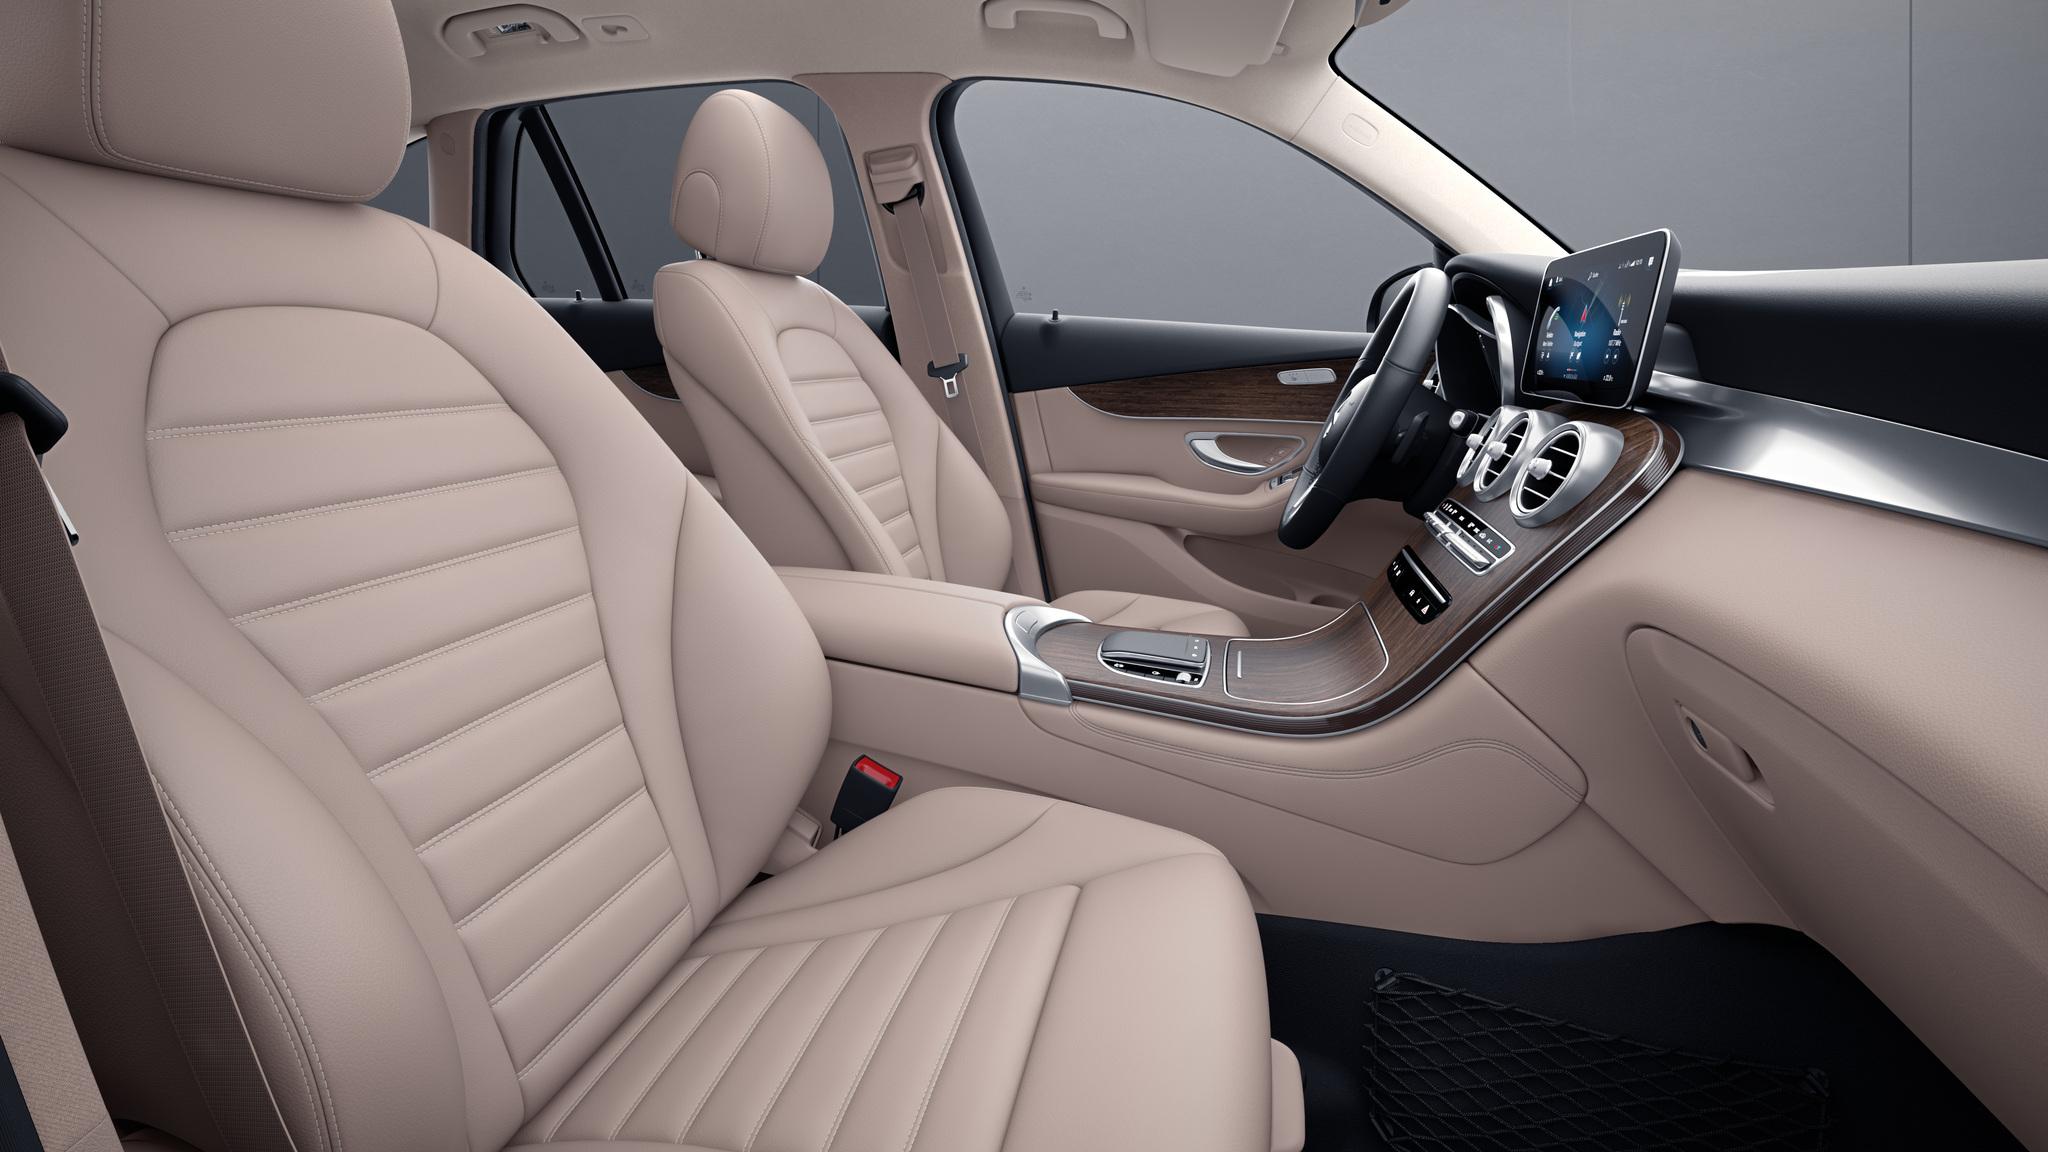 Habitacle de la Mercedes GLC Coupé avec une Sellerie cuir - beige soie naturelle noir